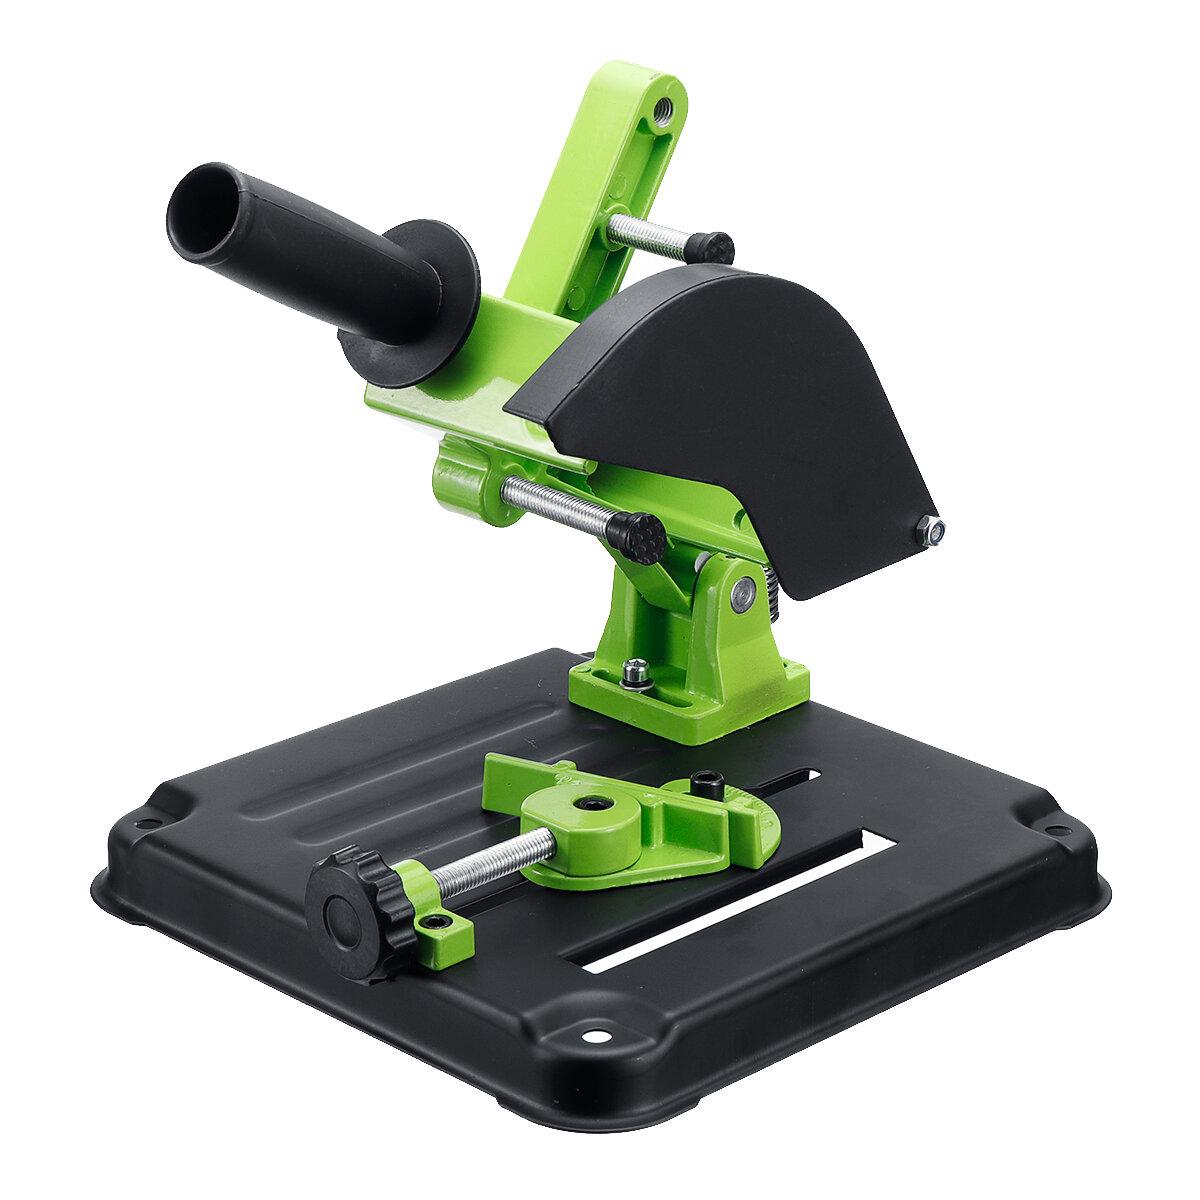 Meuleuse à angle fixe, machine à découper, cadre, outil à main, outils électriques, accessoires, angle de lame, meuleuse